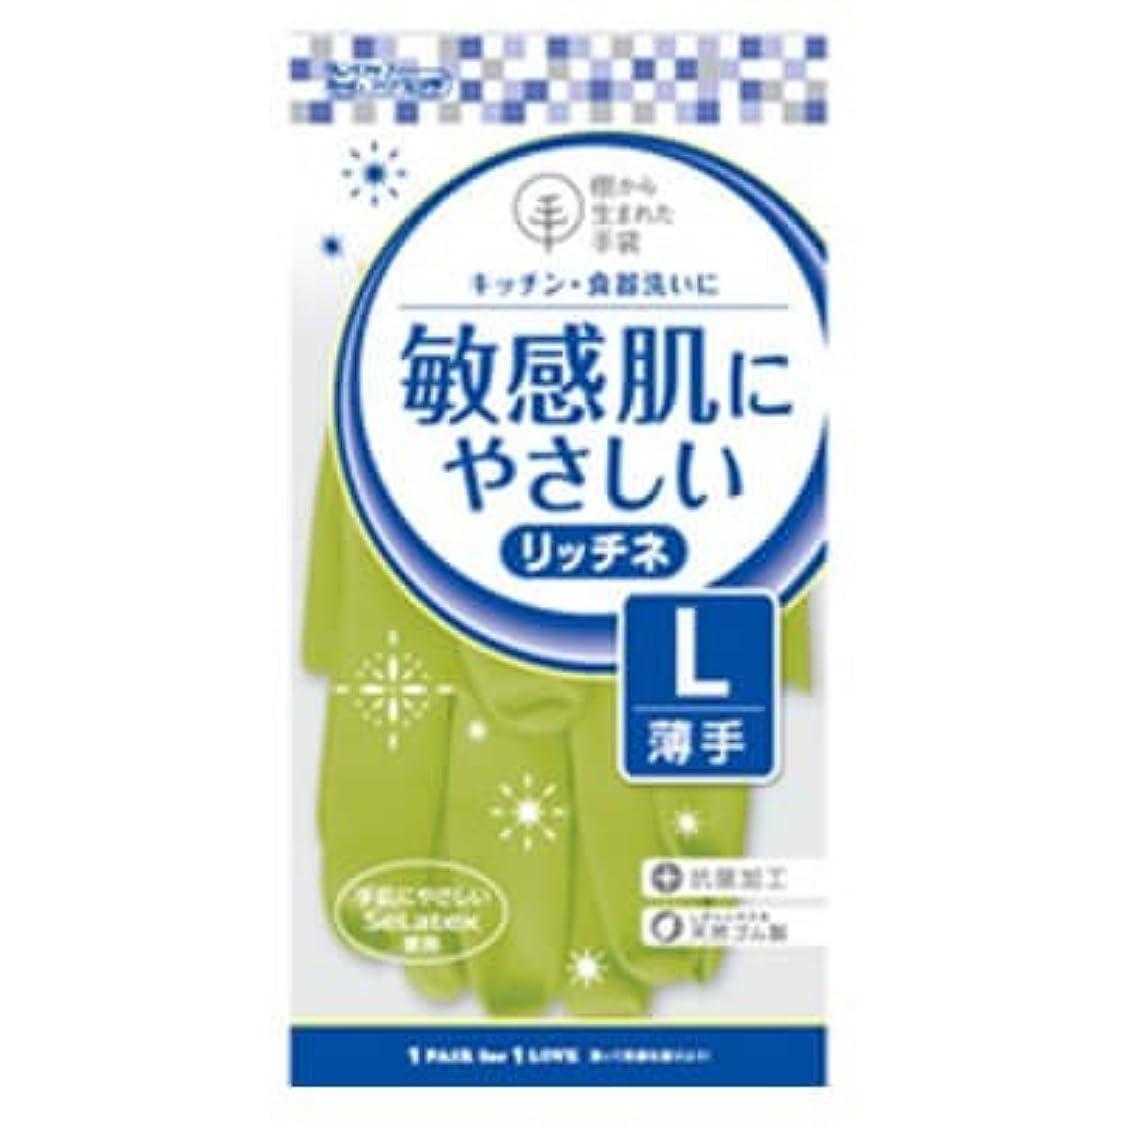 最大の温度ホステル【ケース販売】 ダンロップ 敏感肌にやさしい リッチネ 薄手 L グリーン (10双×24袋)